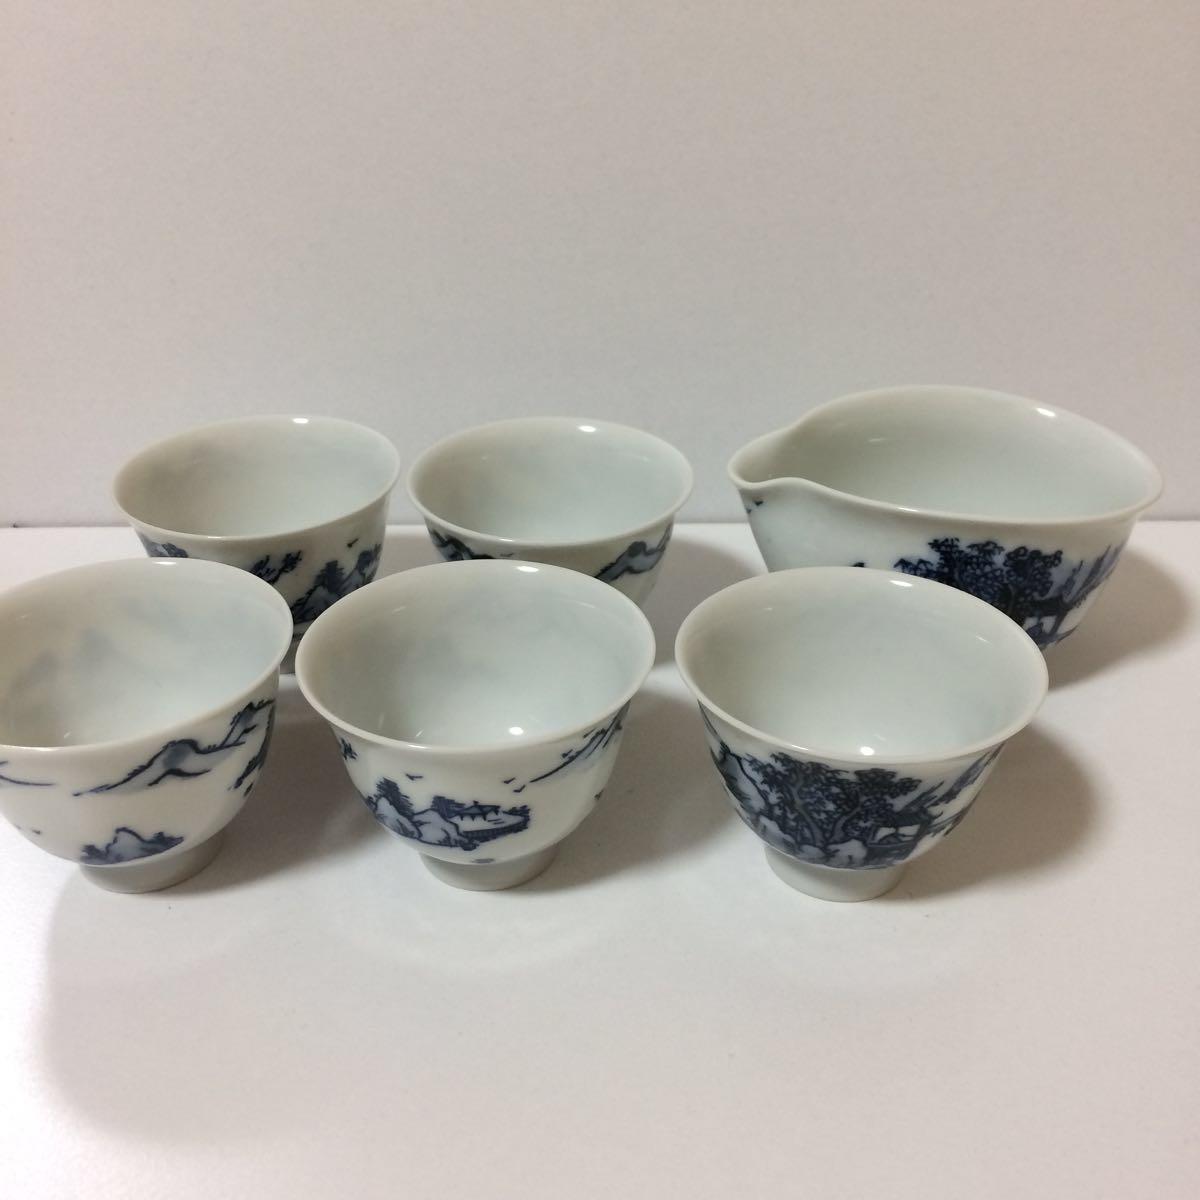 未使用 平安白鳳 茶器 セット 茶碗5客揃い 煎茶道具 煎茶器_画像1